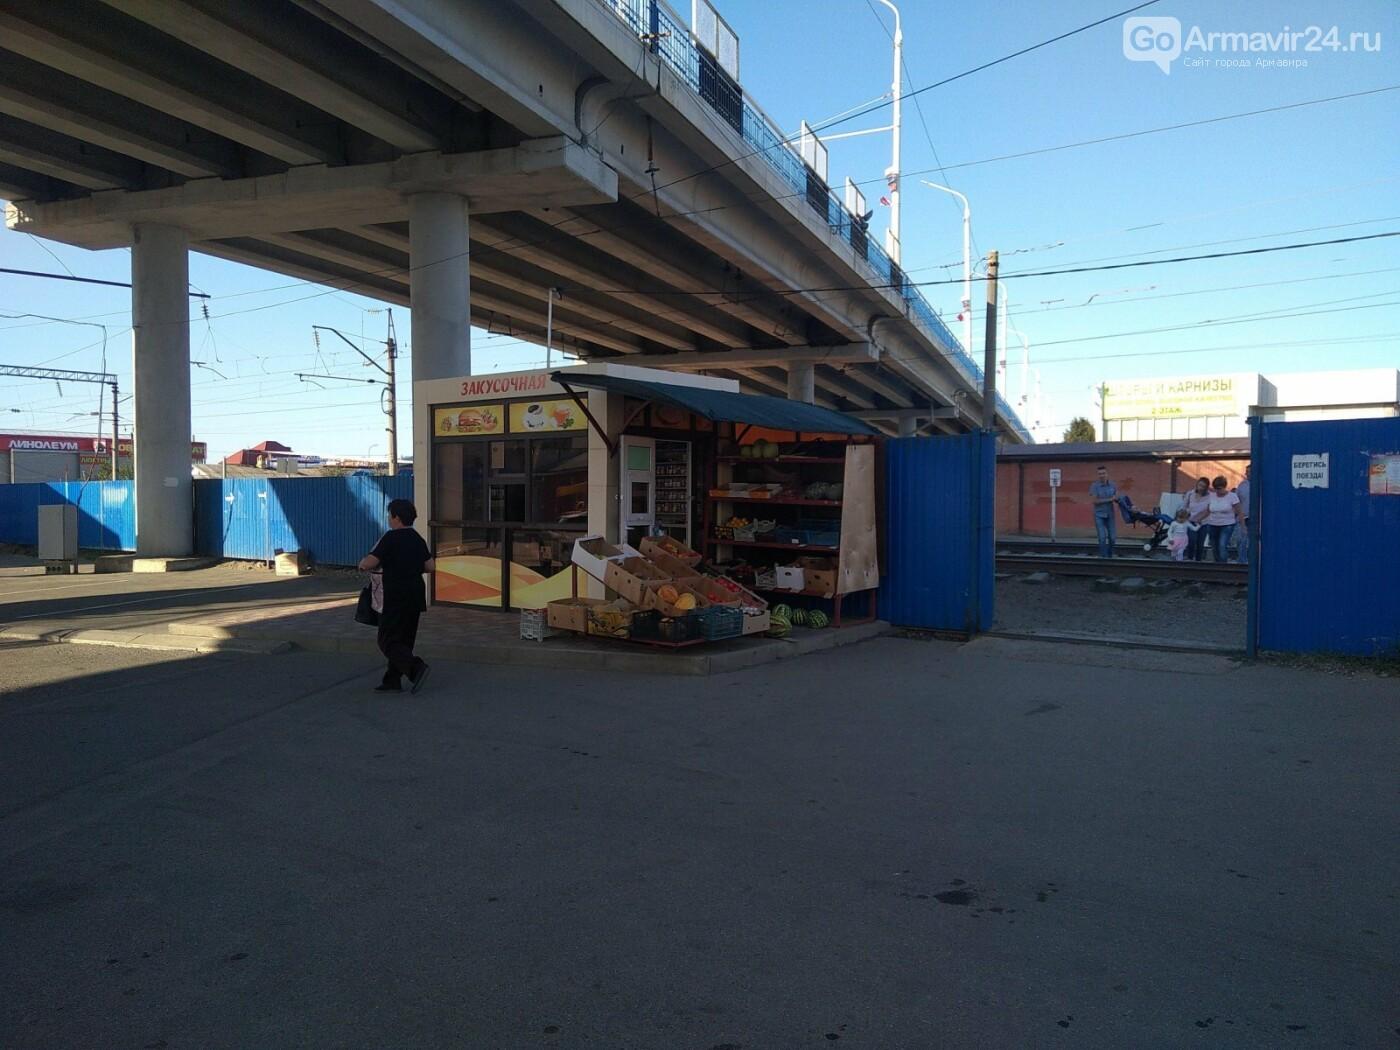 Как в Армавире проходит ремонт на Урицком мосту, фото-1